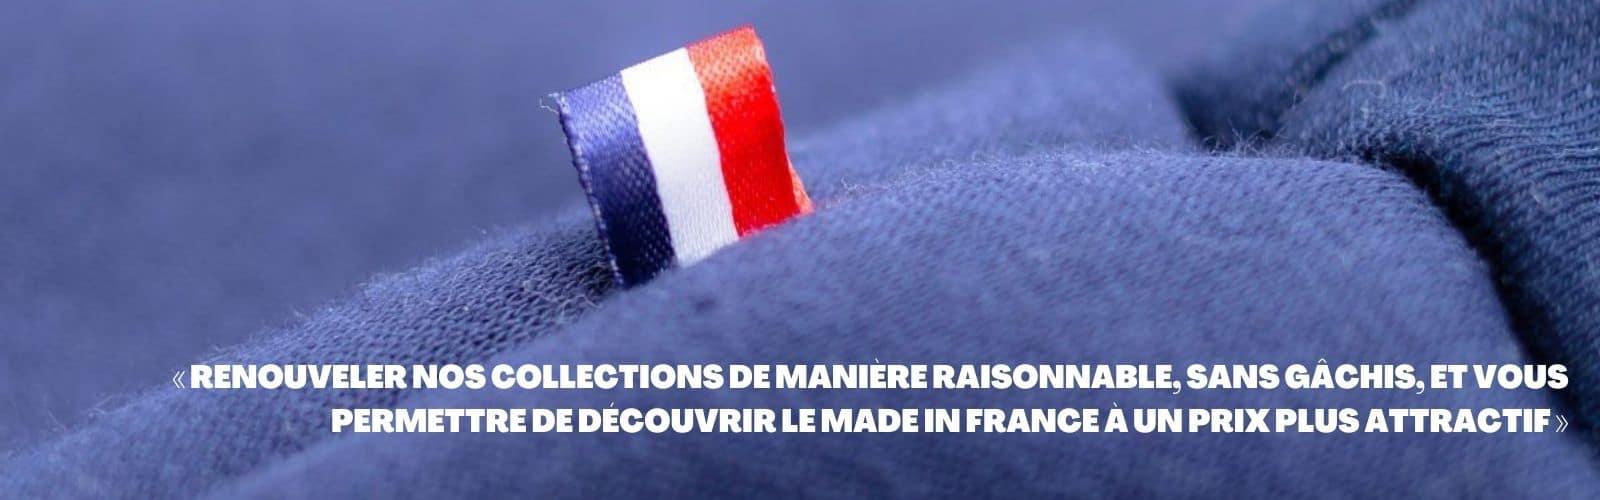 renouveler-nos collections-de-maniere-raisonnable-sans gâchis-tranquille-emile-made-in-france